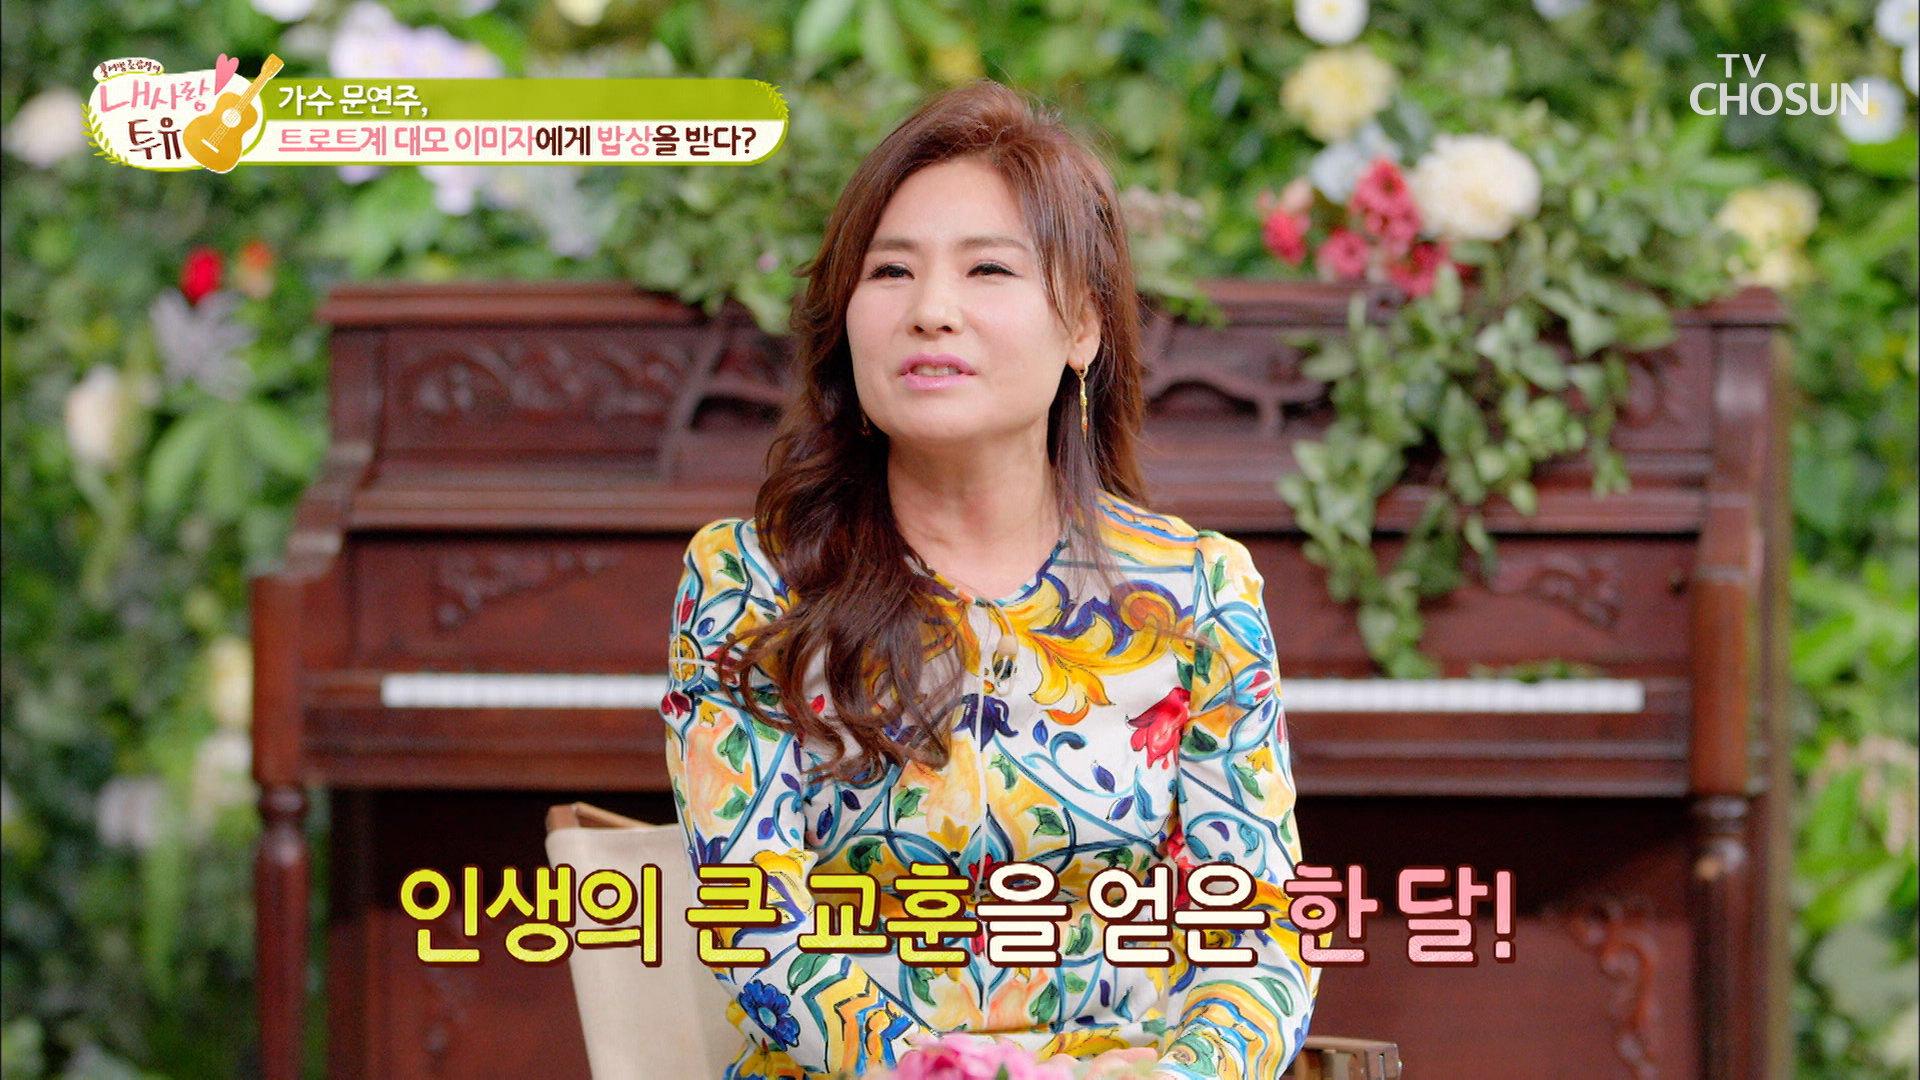 트로트계 대모 이미자와 동거동락한 문연주?! TV CHOSUN 210302 방송